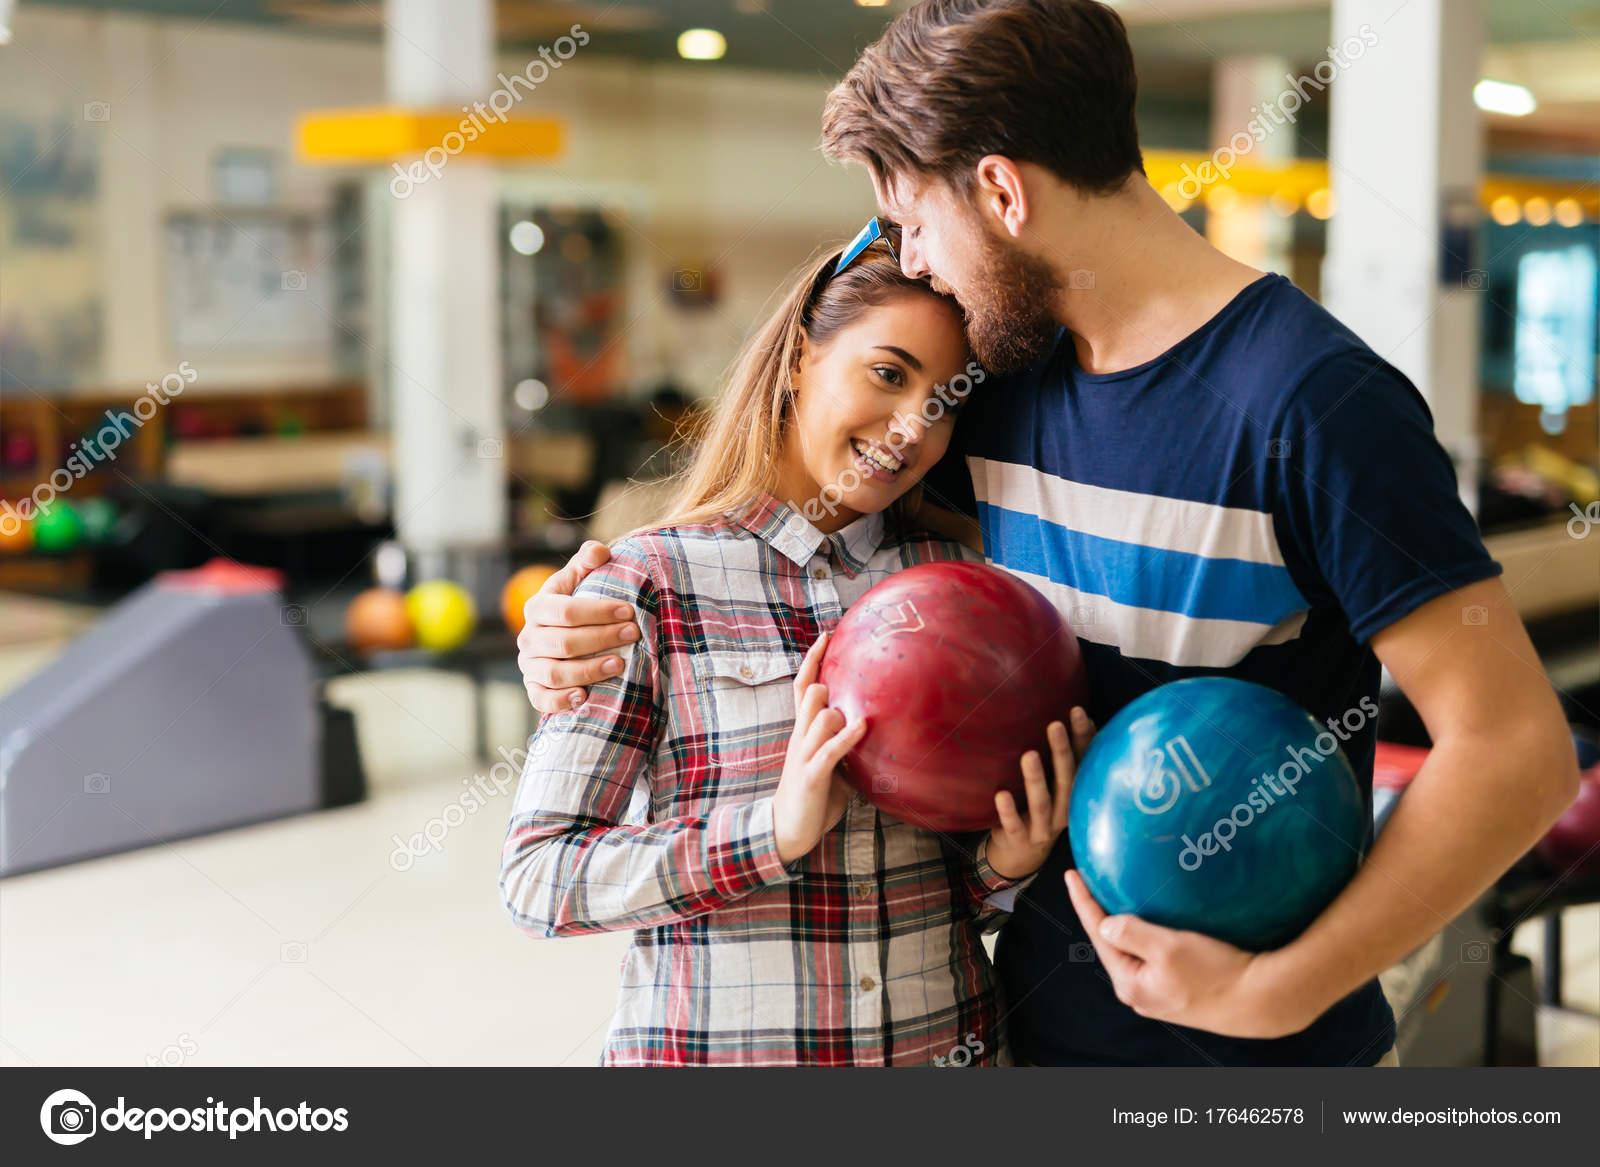 Kutoma säännöt ja dating